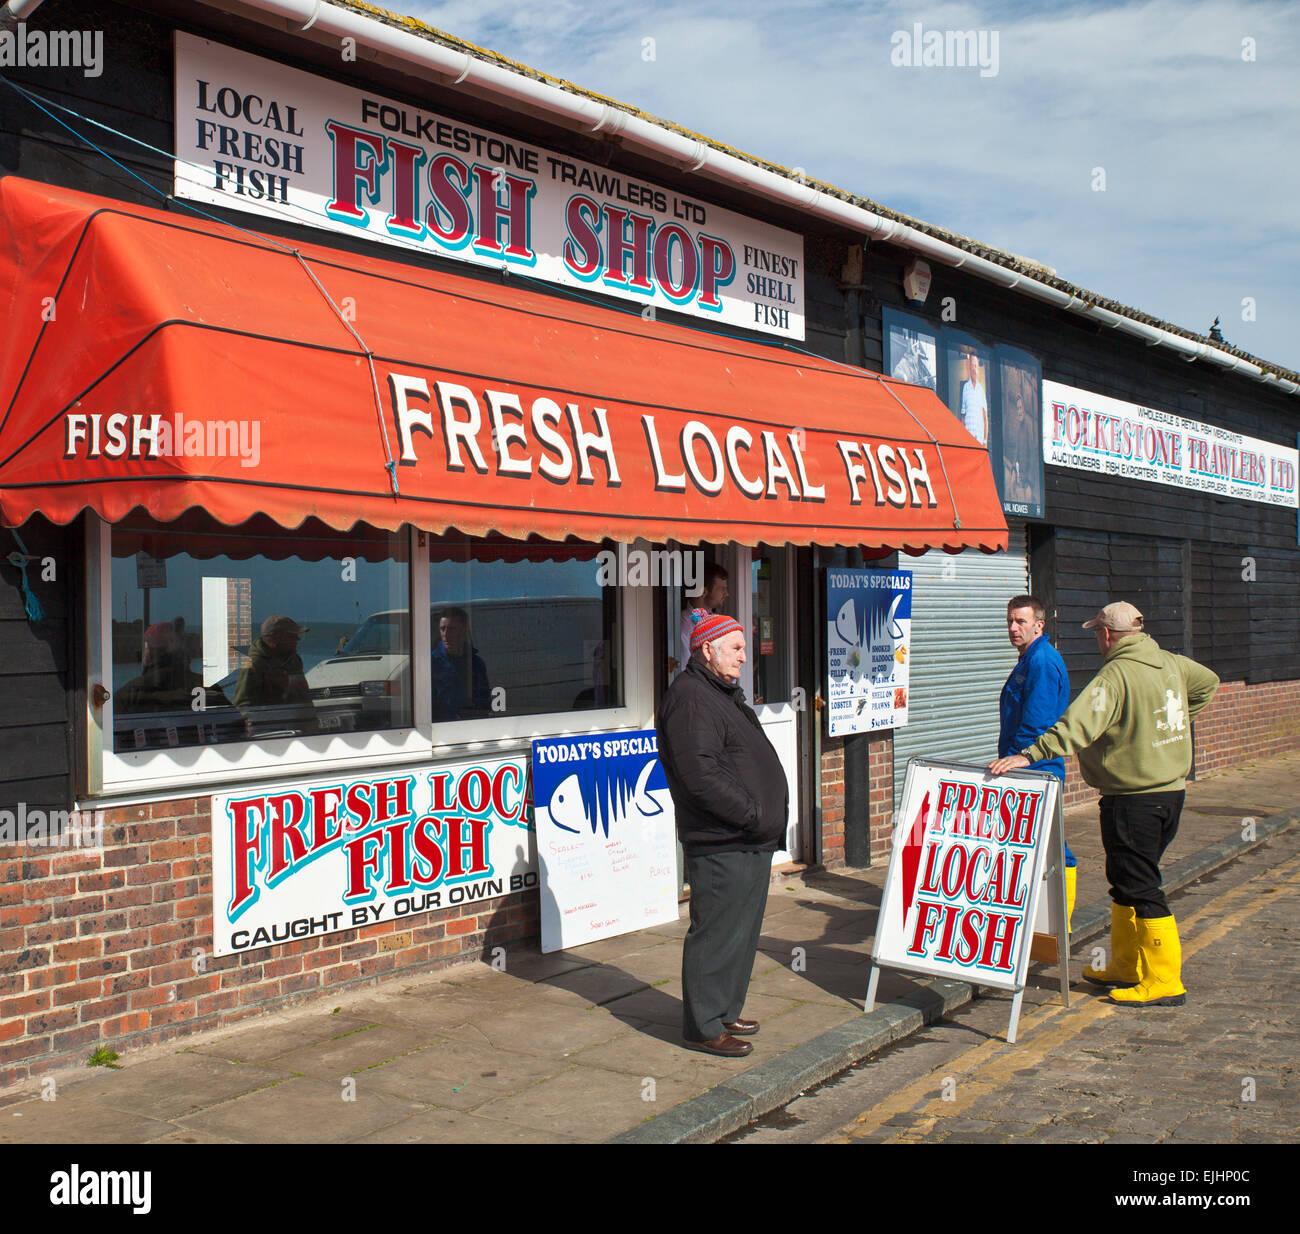 Fishmongers run by local fishermen, Folkestone. - Stock Image